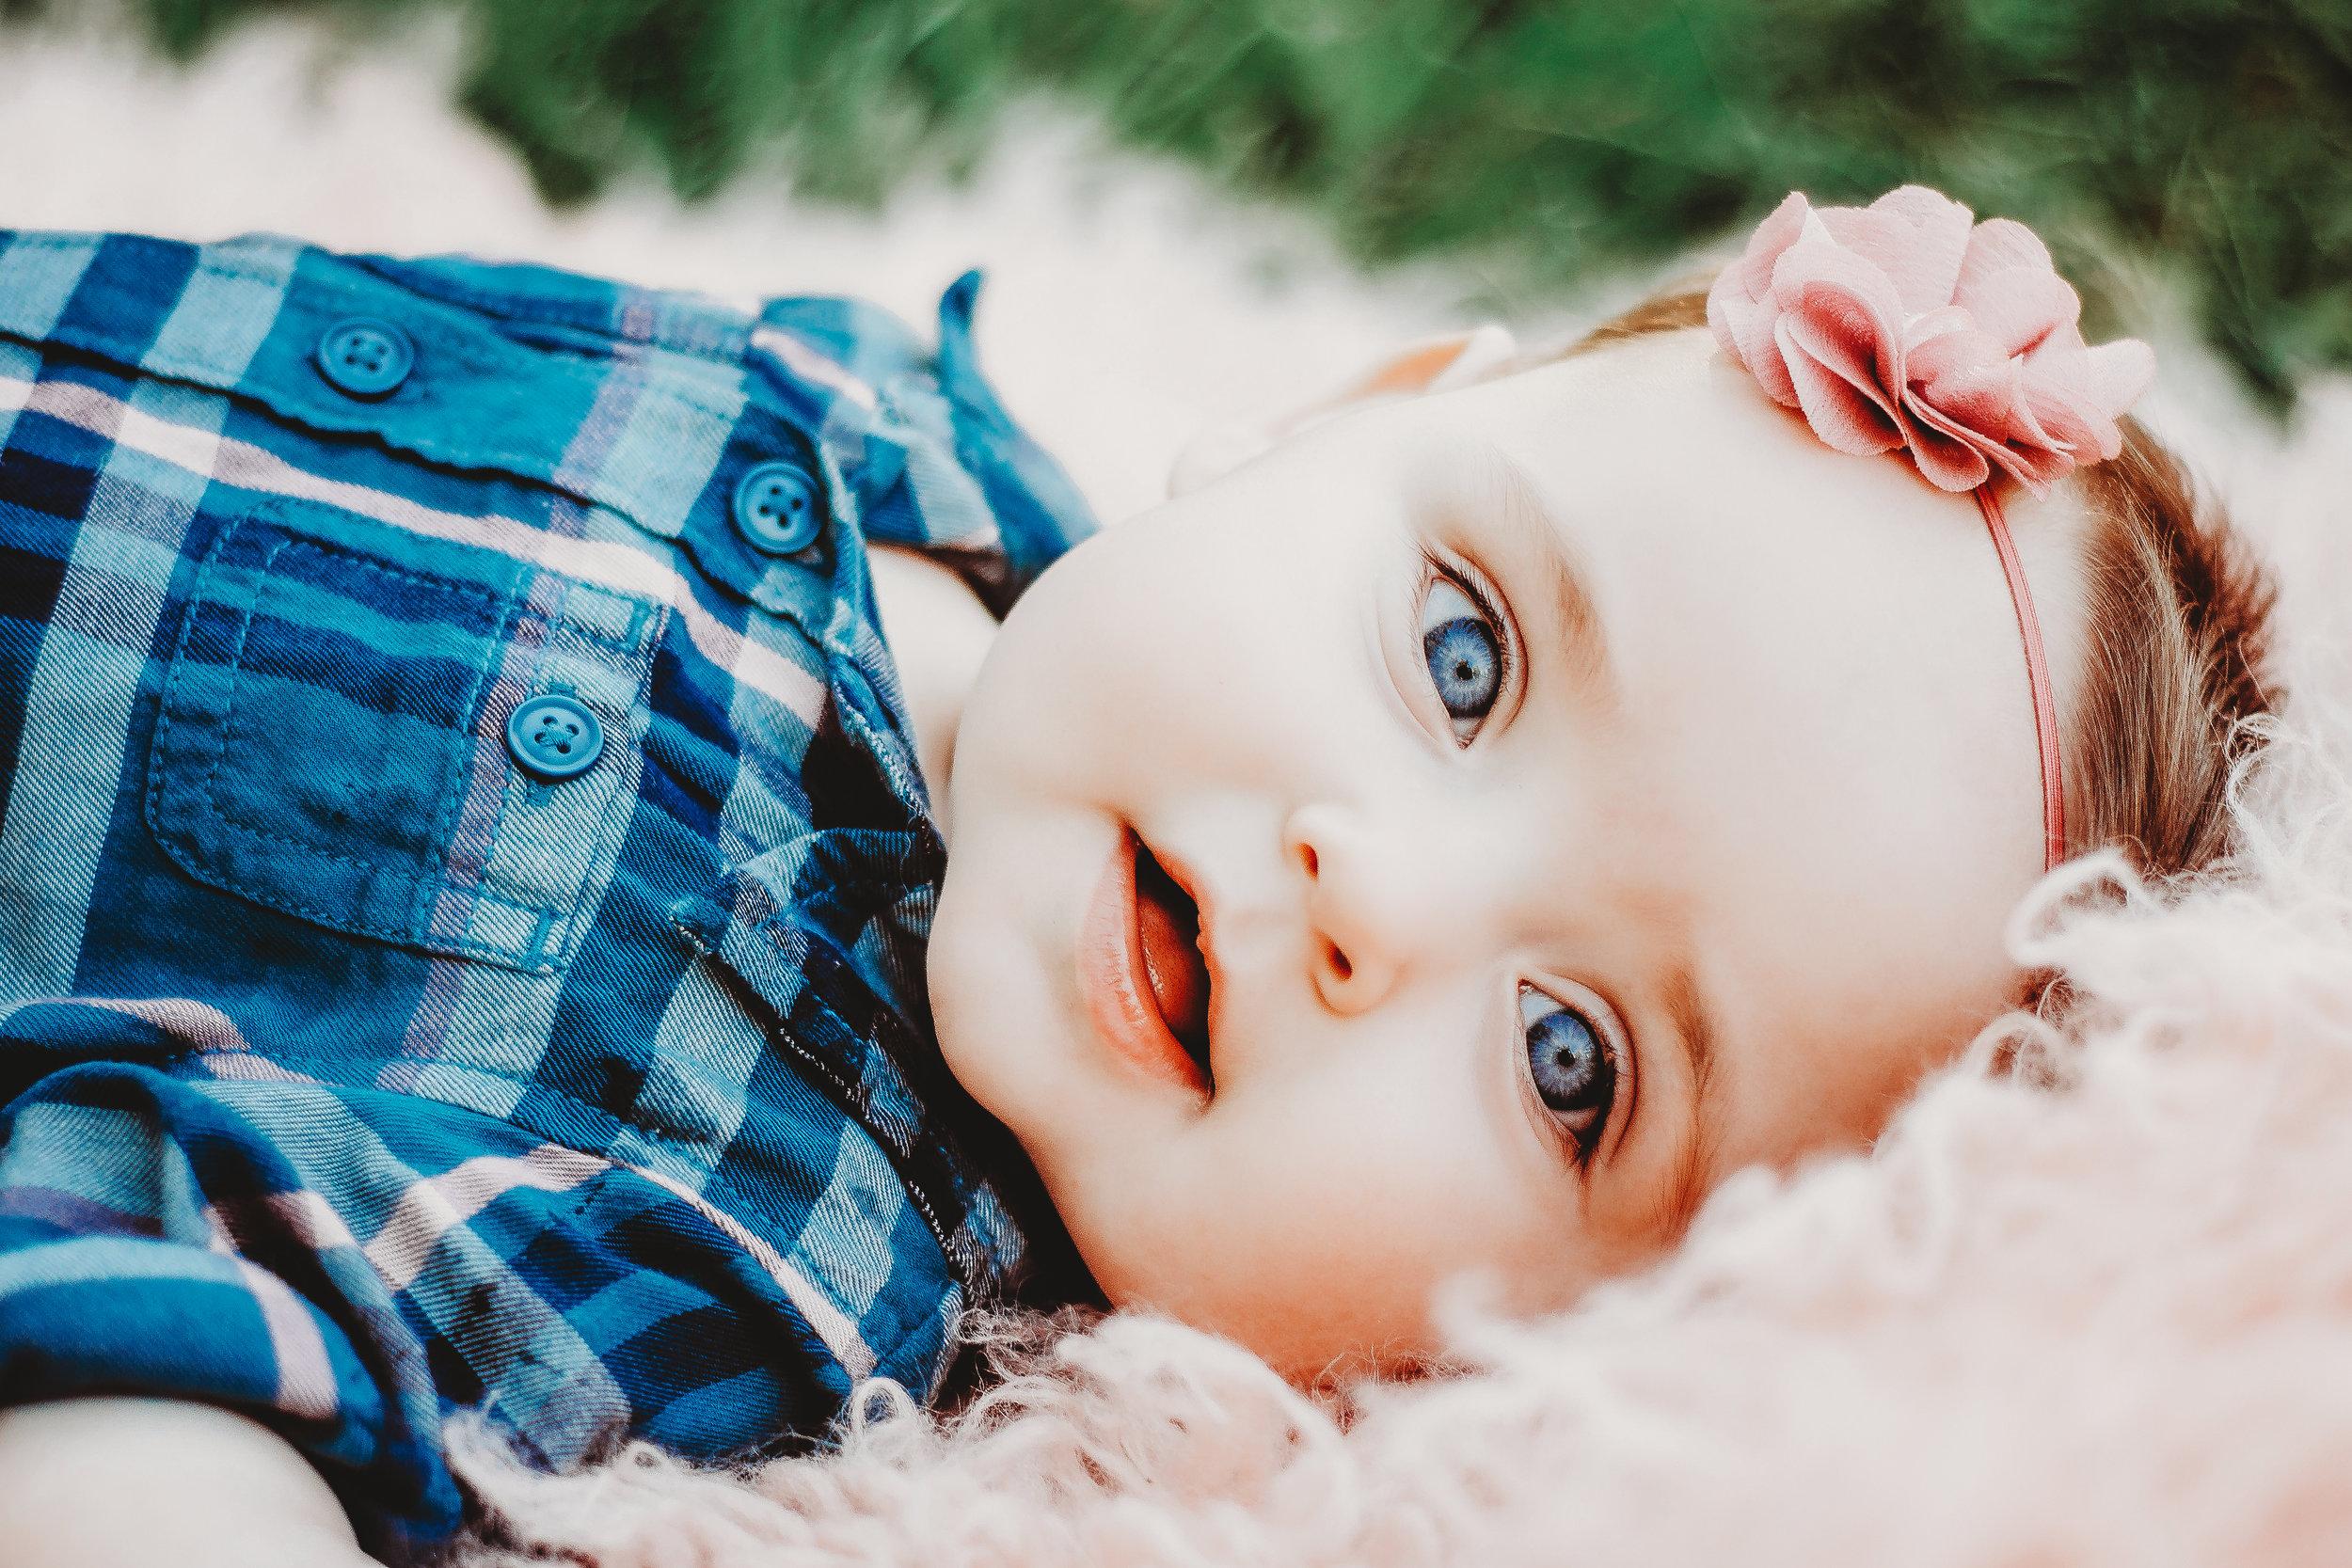 KSP_Child_BrookeHinkle_09_16_32.jpg